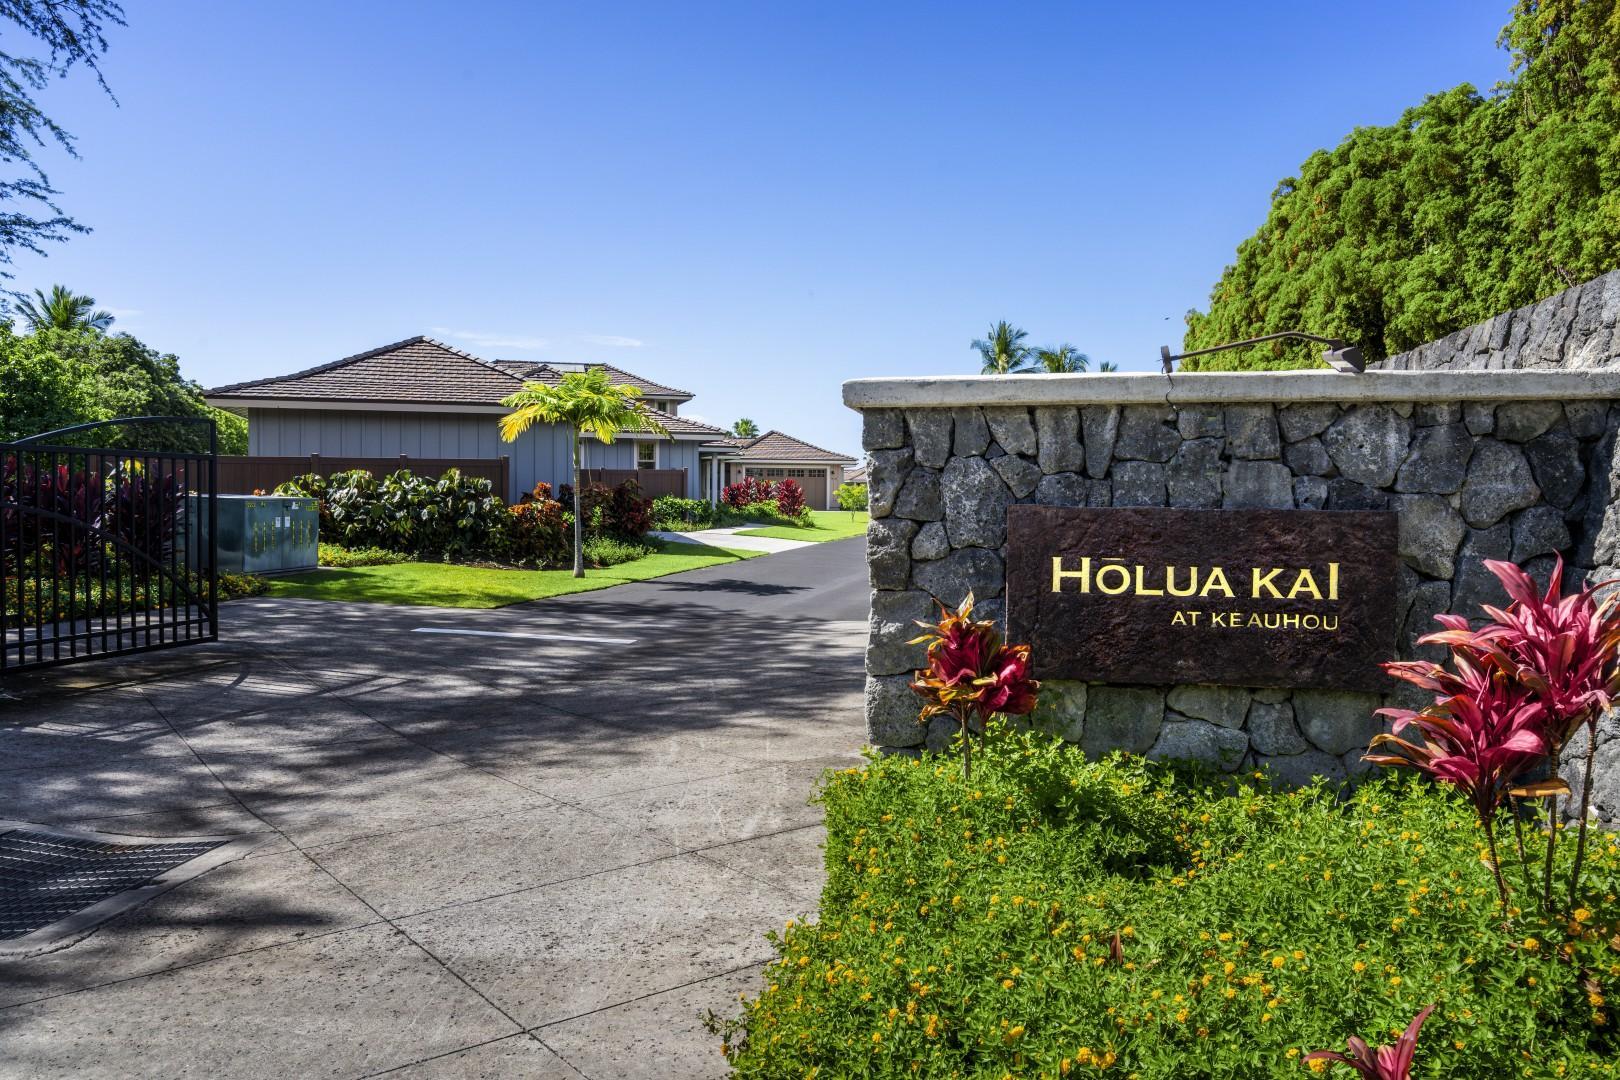 Holua Kai Entry Gate